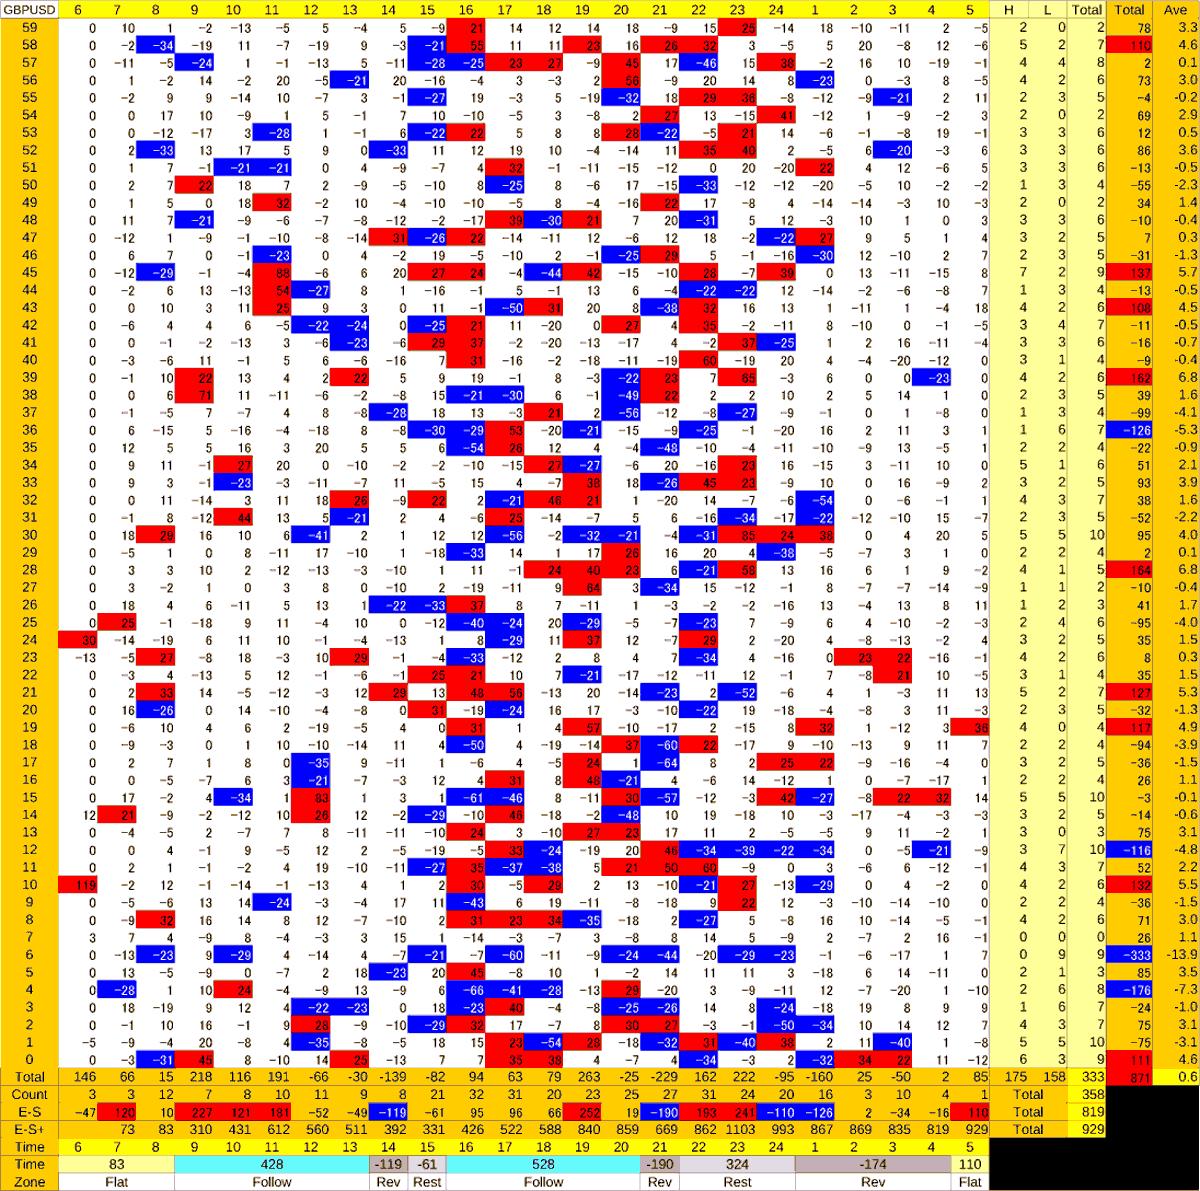 20200727_HS(2)GBPUSD